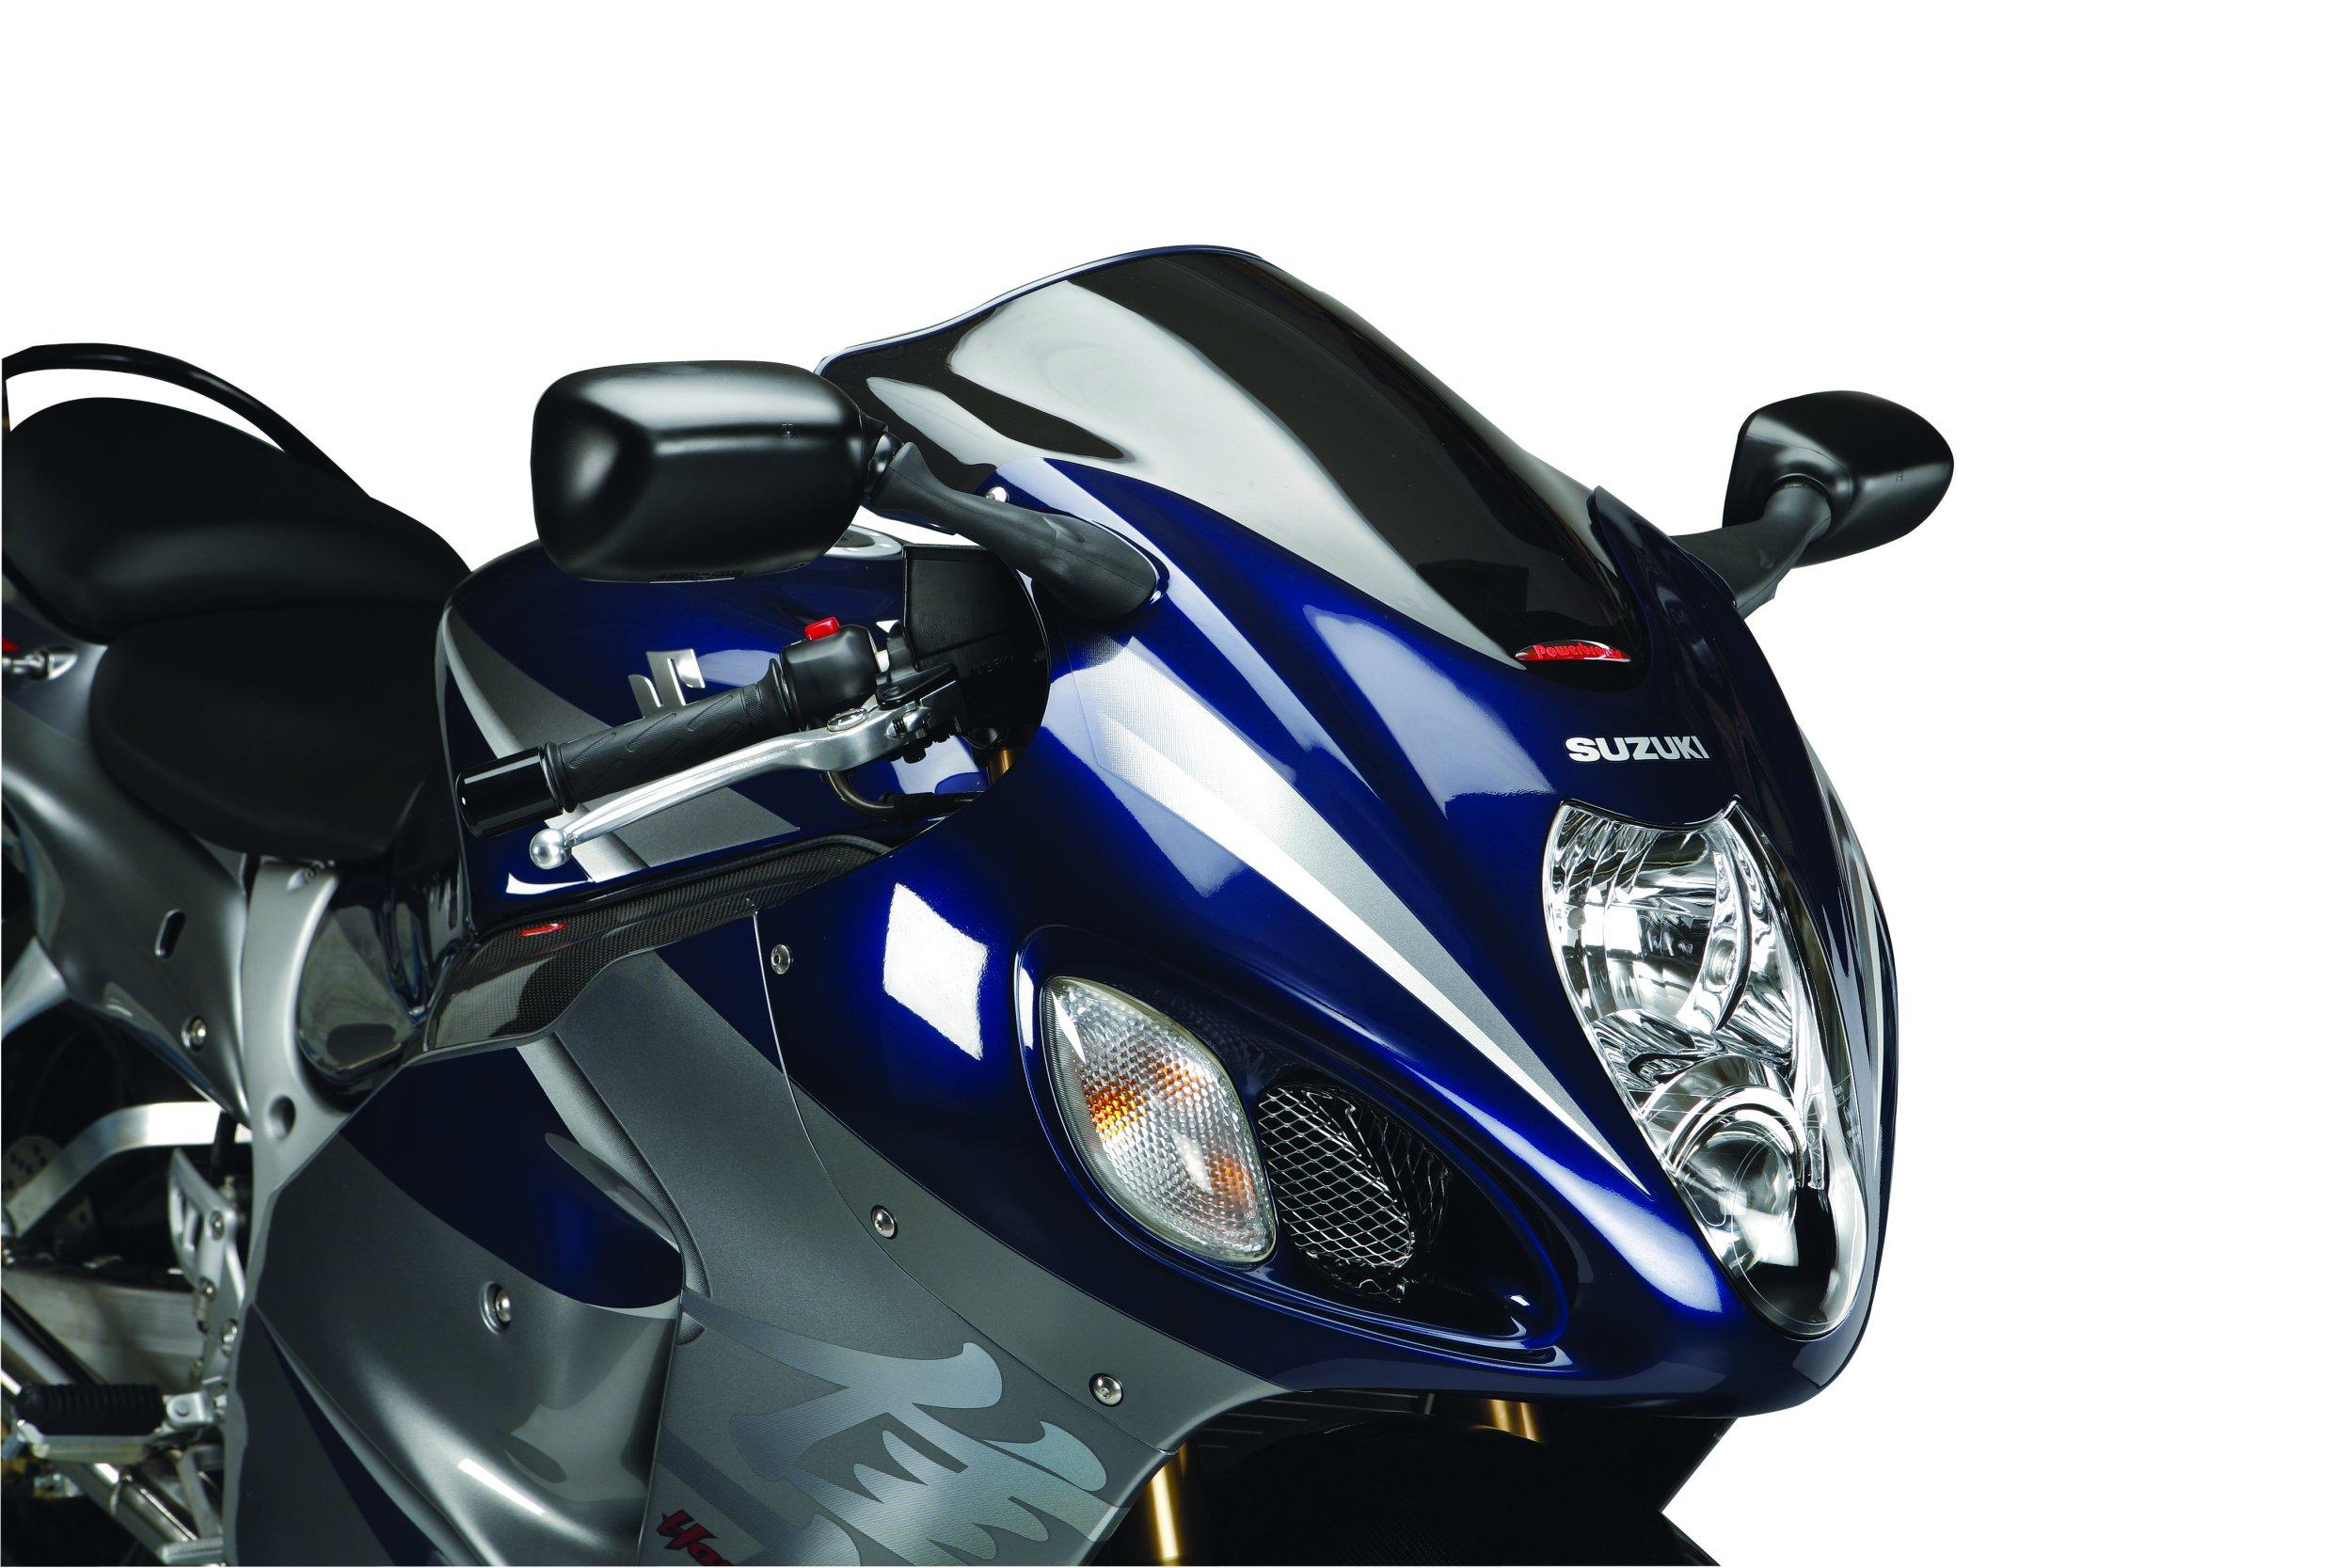 Standard-Scheibe Puig Suzuki GSX-R 1300 Hayabusa 99-07 blau Verkleidungsscheibe